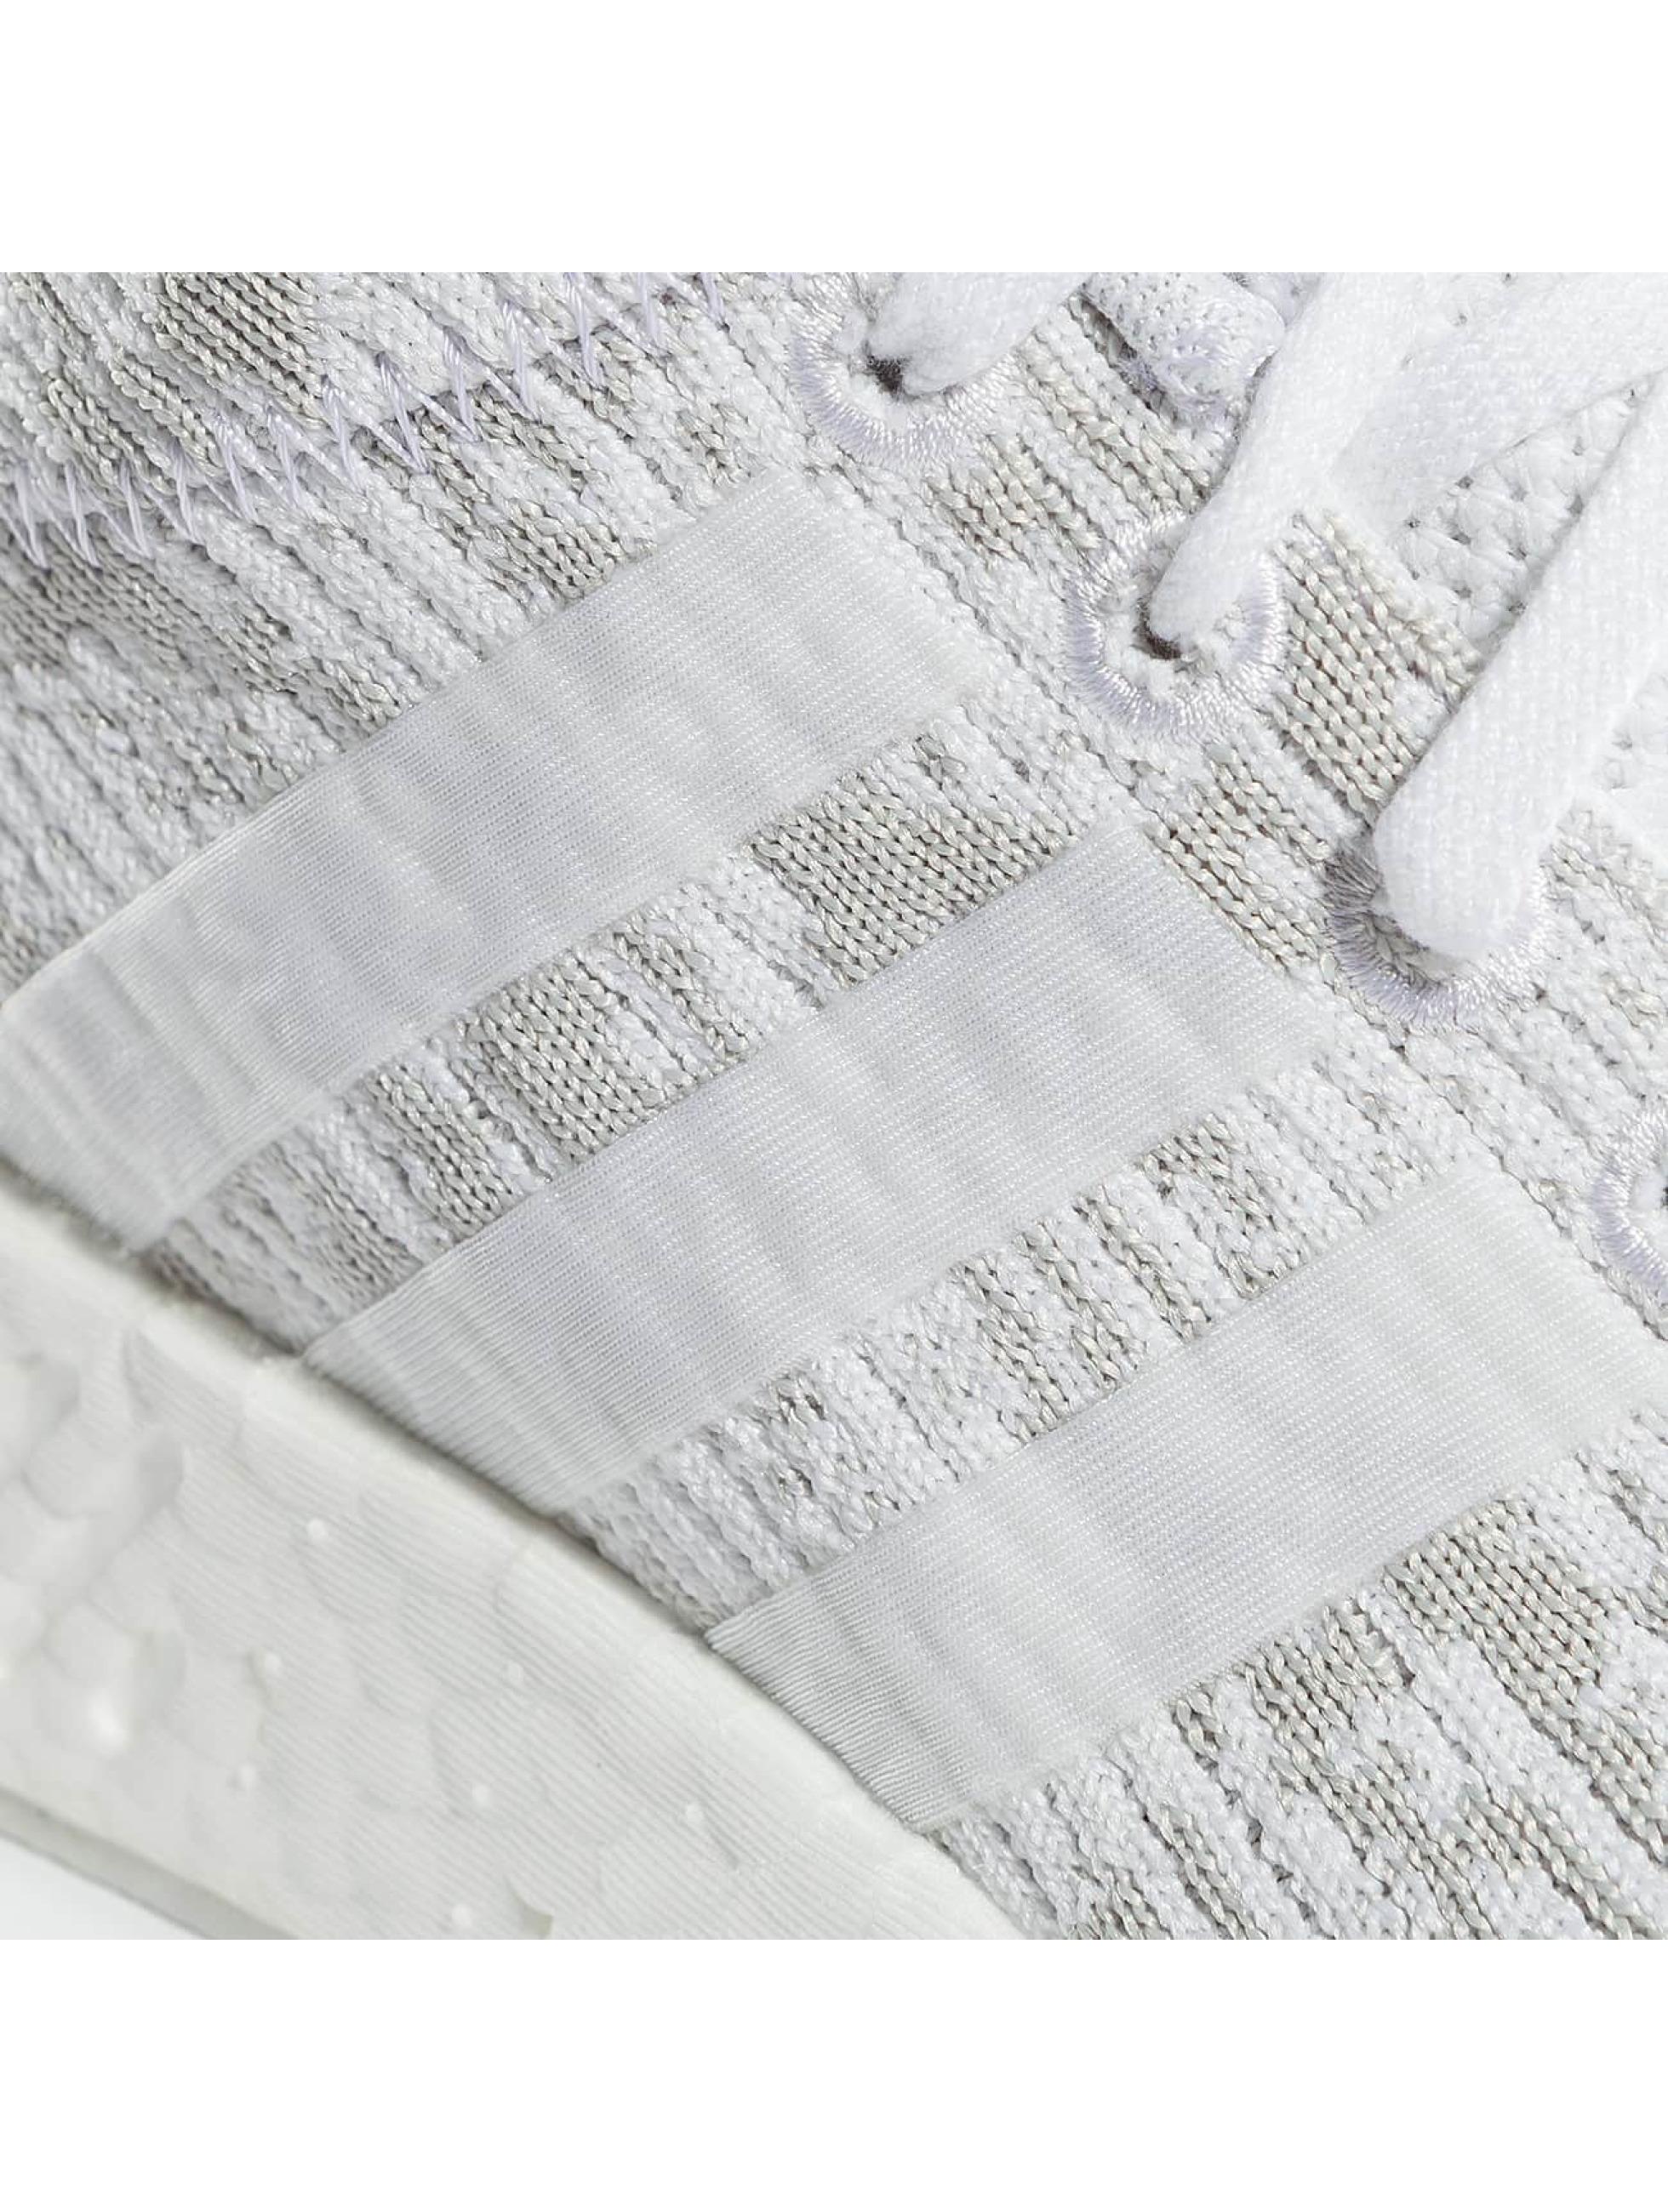 adidas Tøysko NMD_R2 W hvit